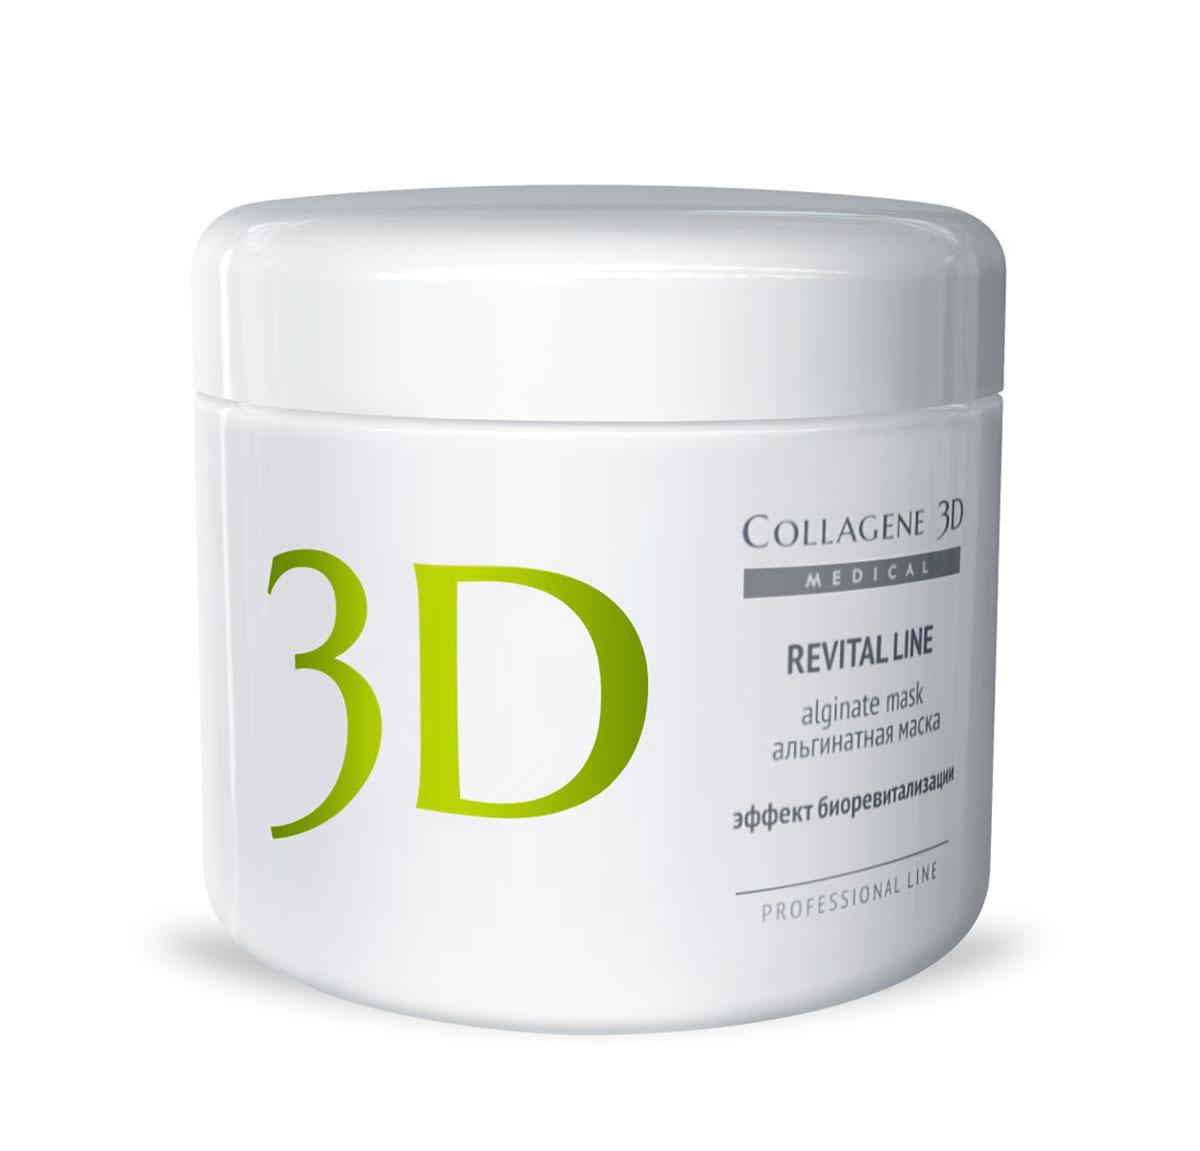 Medical Collagene 3D ����������� ����� ��� ���� � ���� Revital Line, 200 � - Medical Collagene 3D22026�����������������, ���������������� ����� �� ������ ������� ������������ �����. �������� ������ ���� ������� �������� �������� ����������� �����, ������������ ������������� ������, ���������� ���������� ��������� ���� � ����������� ��������� ����.